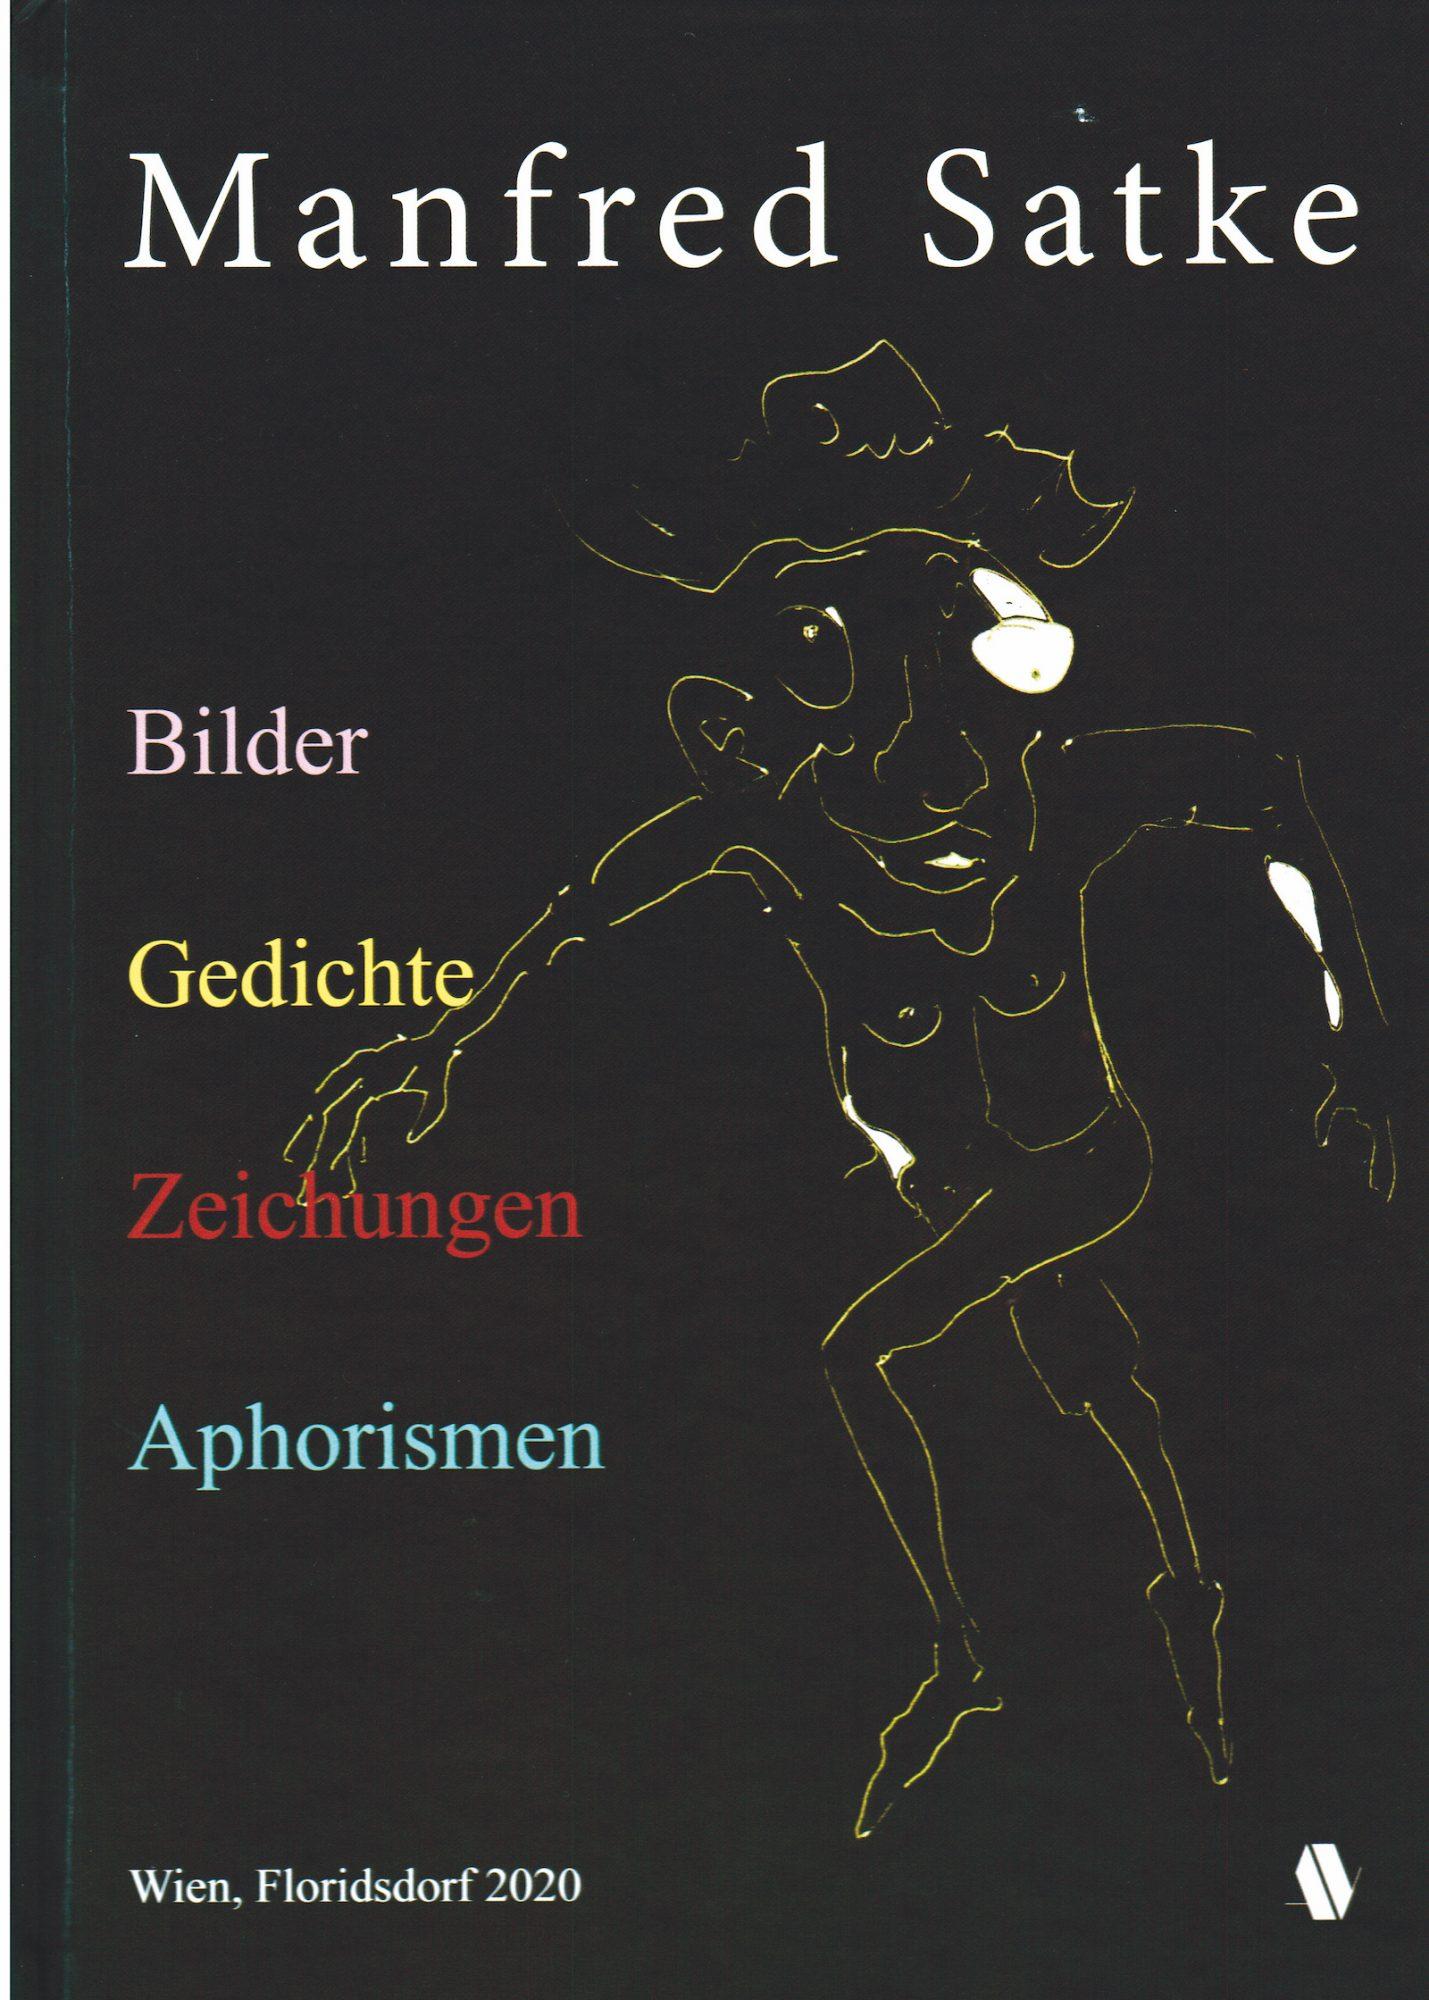 Manfred Satkes Buch ist im Buchhandel erhältlich. Bild: Verlag.